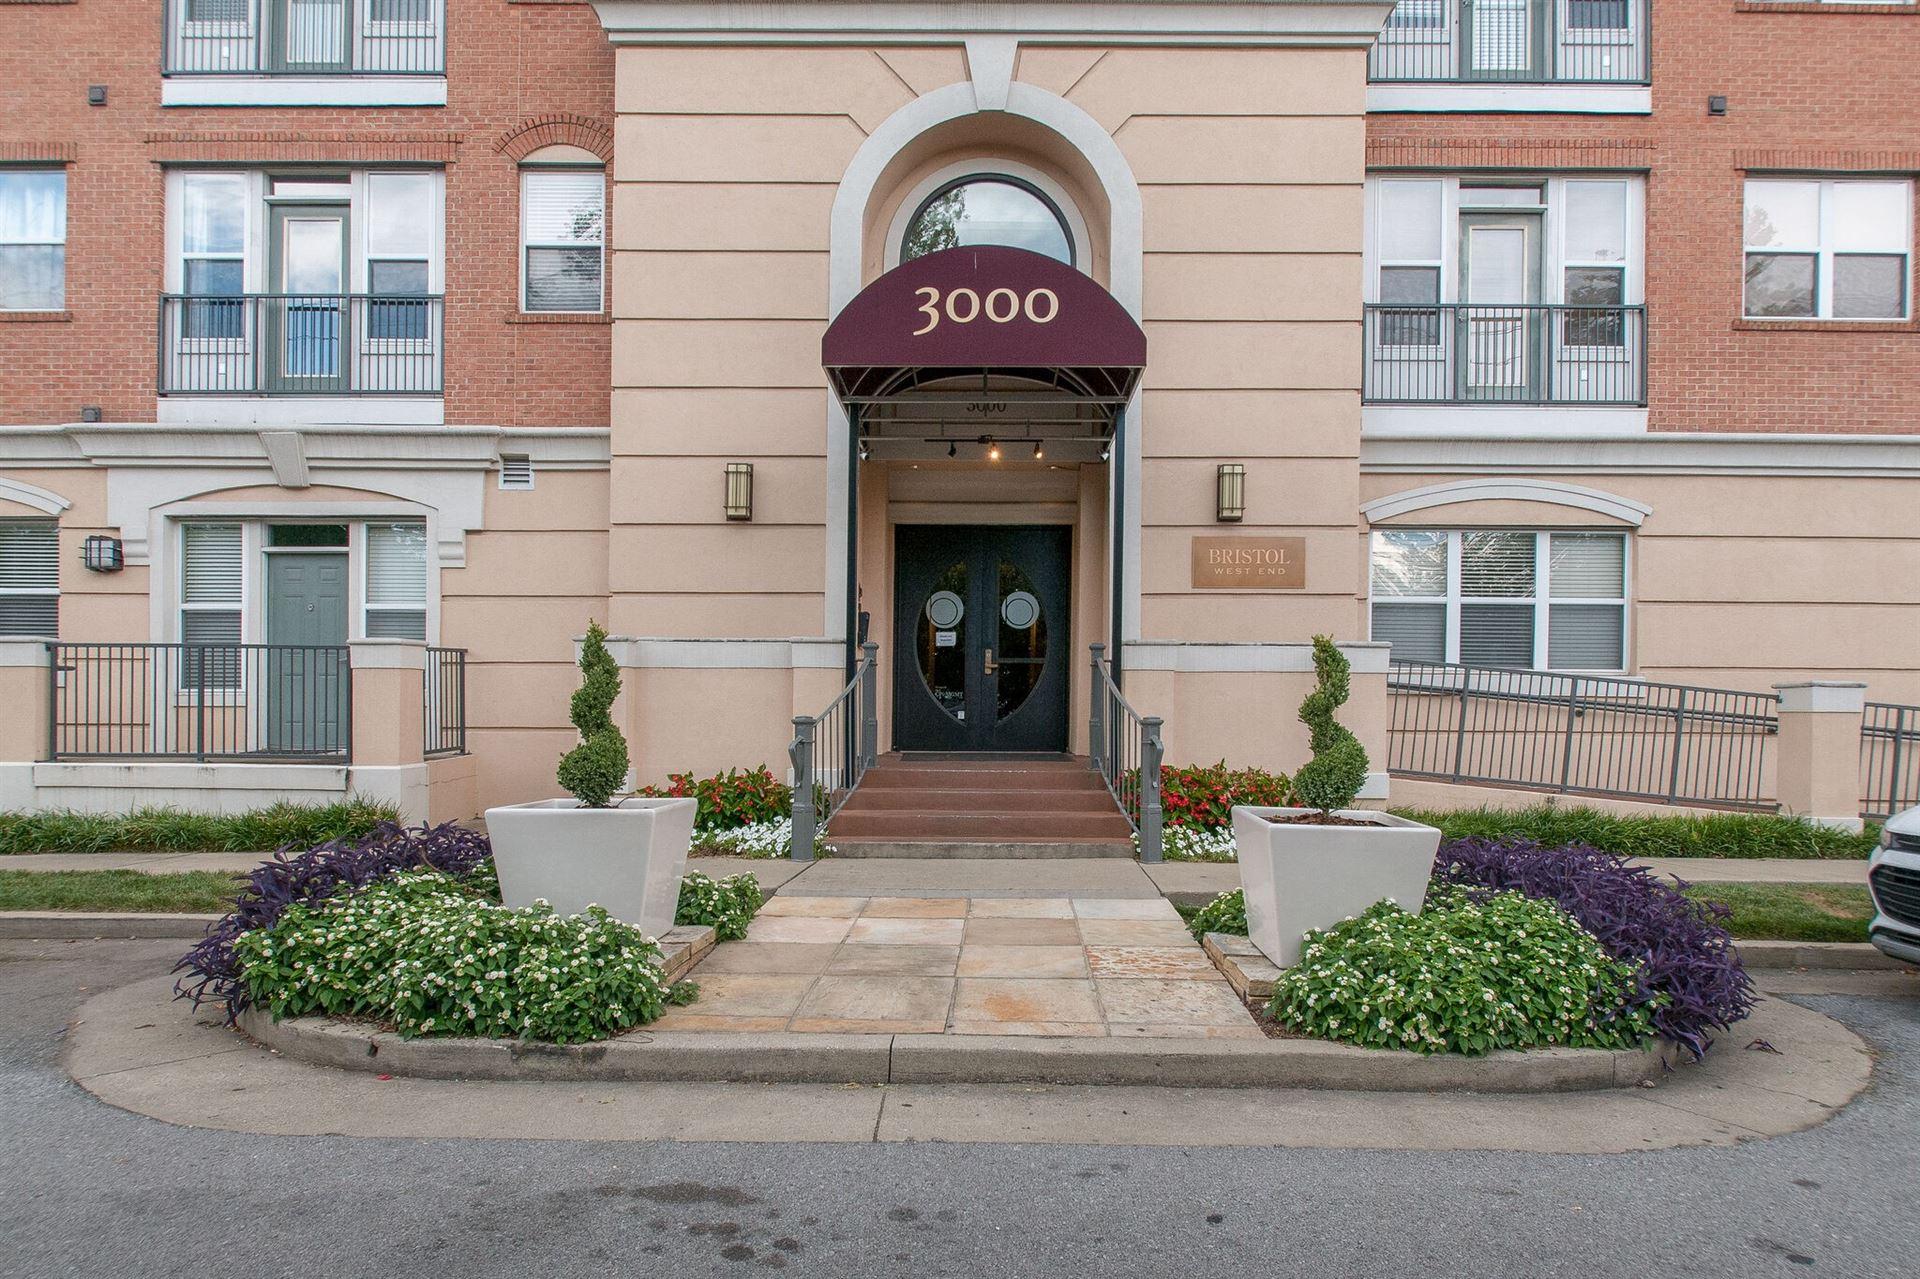 3000 Vanderbilt Place, Apt 425 #425, Nashville, TN 37212 - MLS#: 2168227